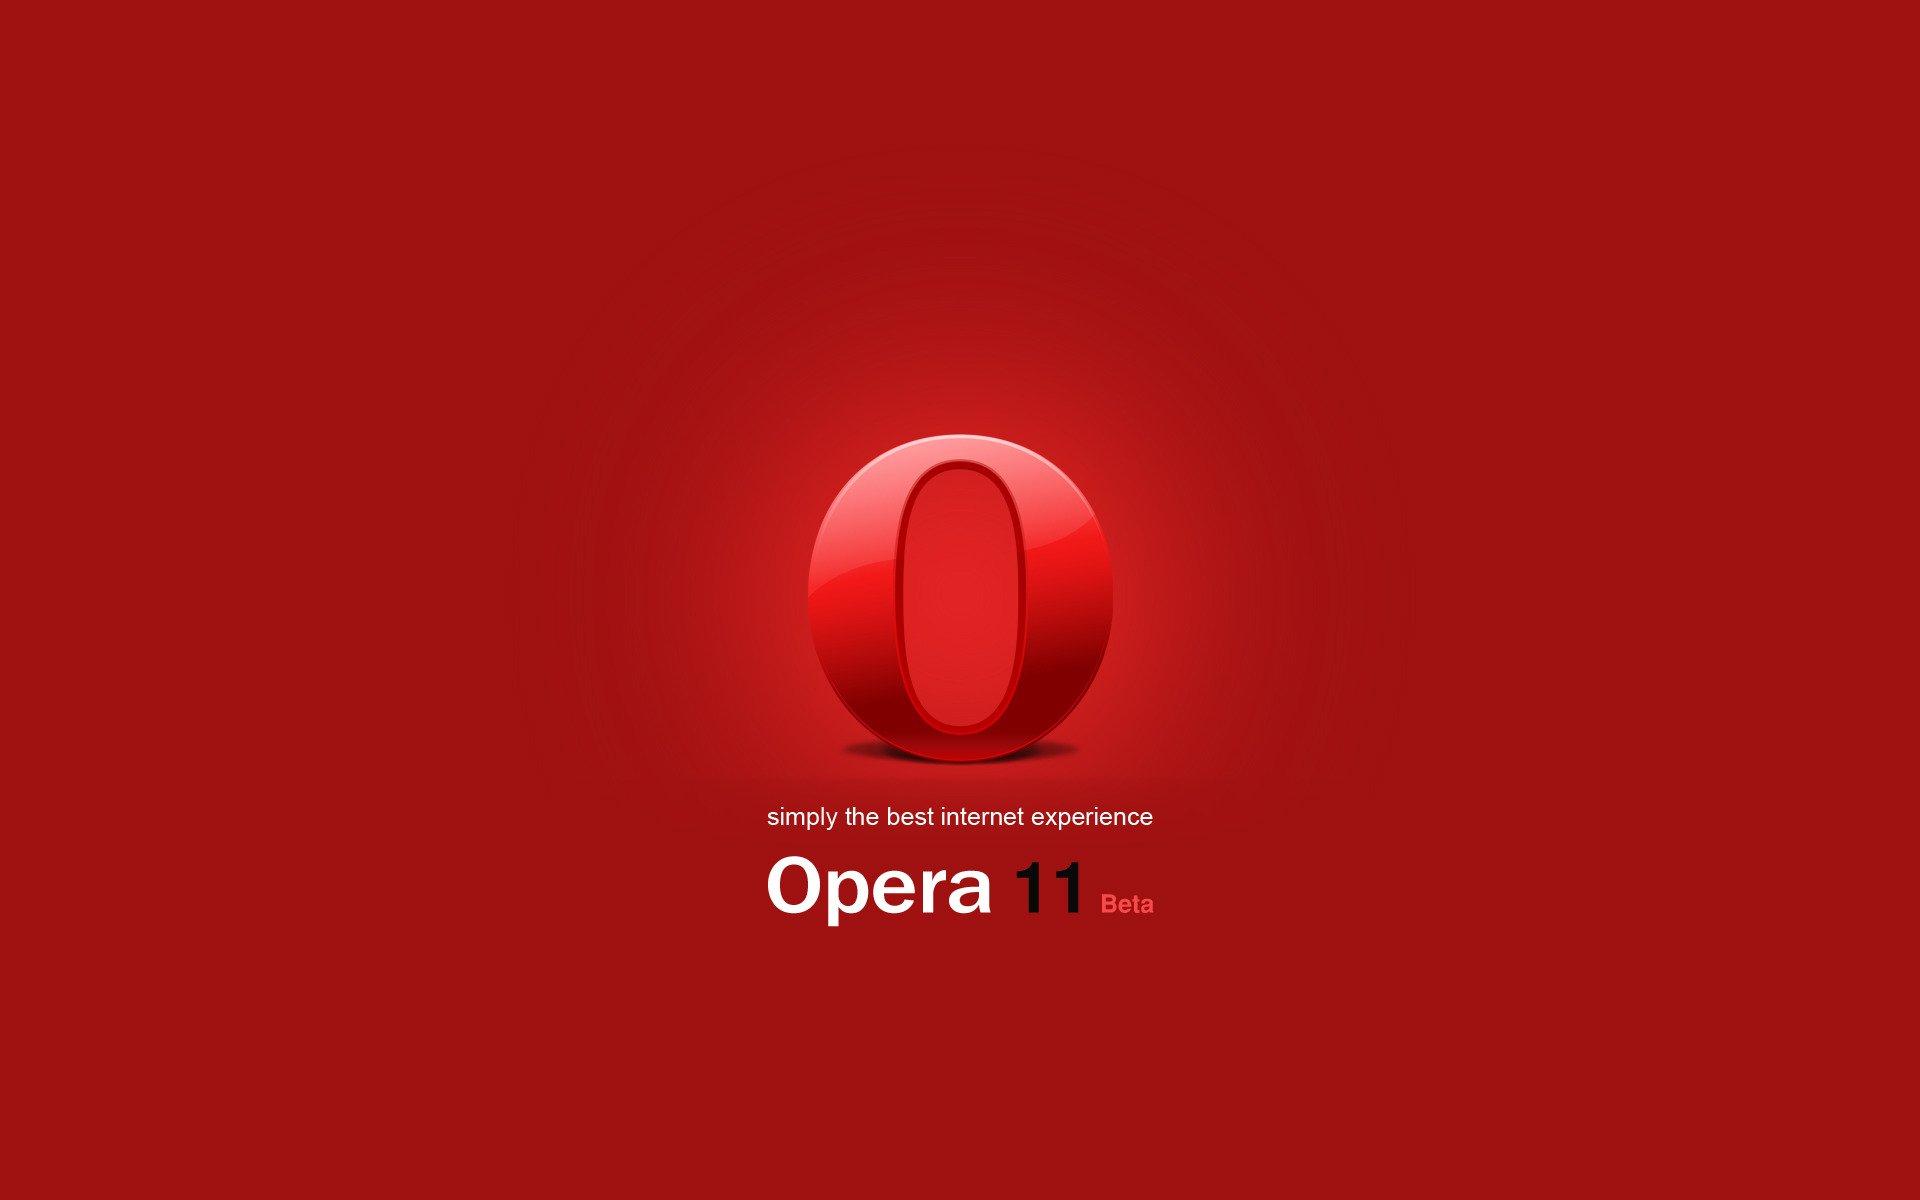 Картинки обои для оперы